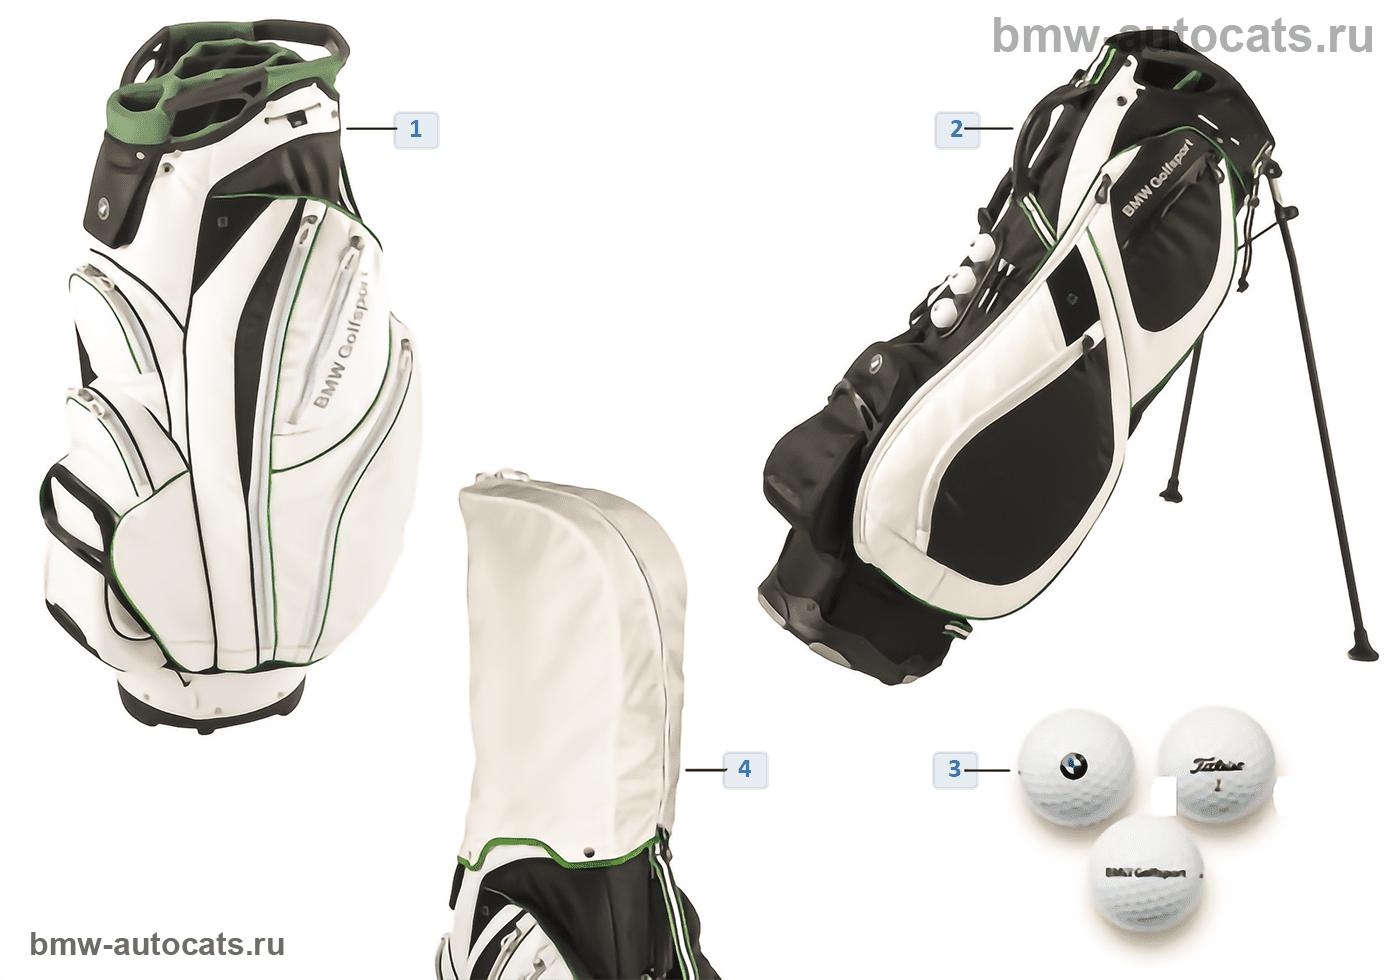 Golfsport-сумки/мячи для гольфа 2013/14